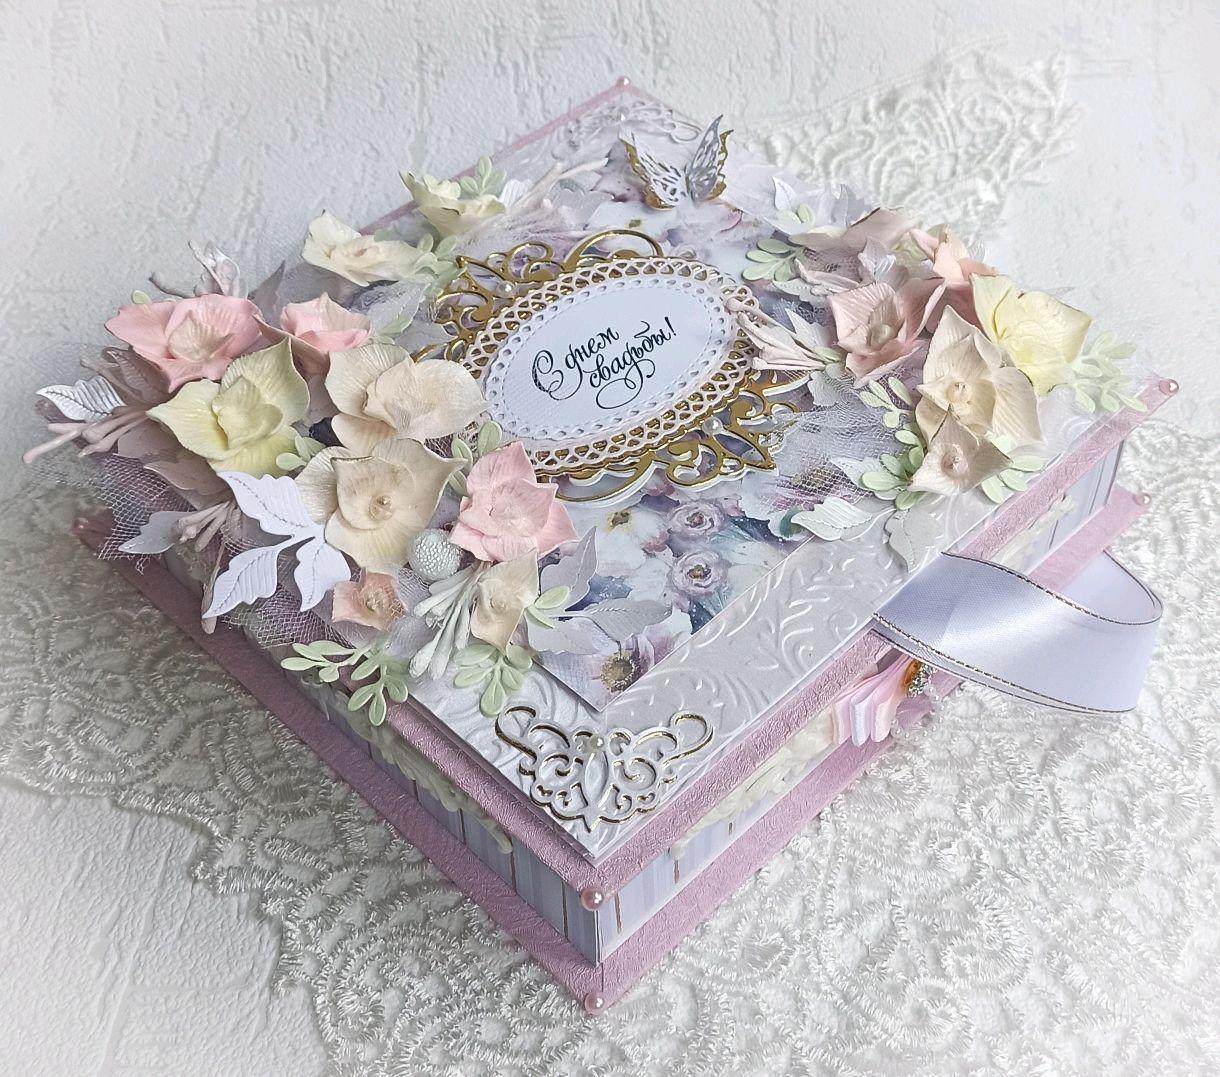 Коробочка для денег на свадьбу, день рождения, юбилей. НА ЗАКАЗ!!!, Подарки, Долгопрудный,  Фото №1